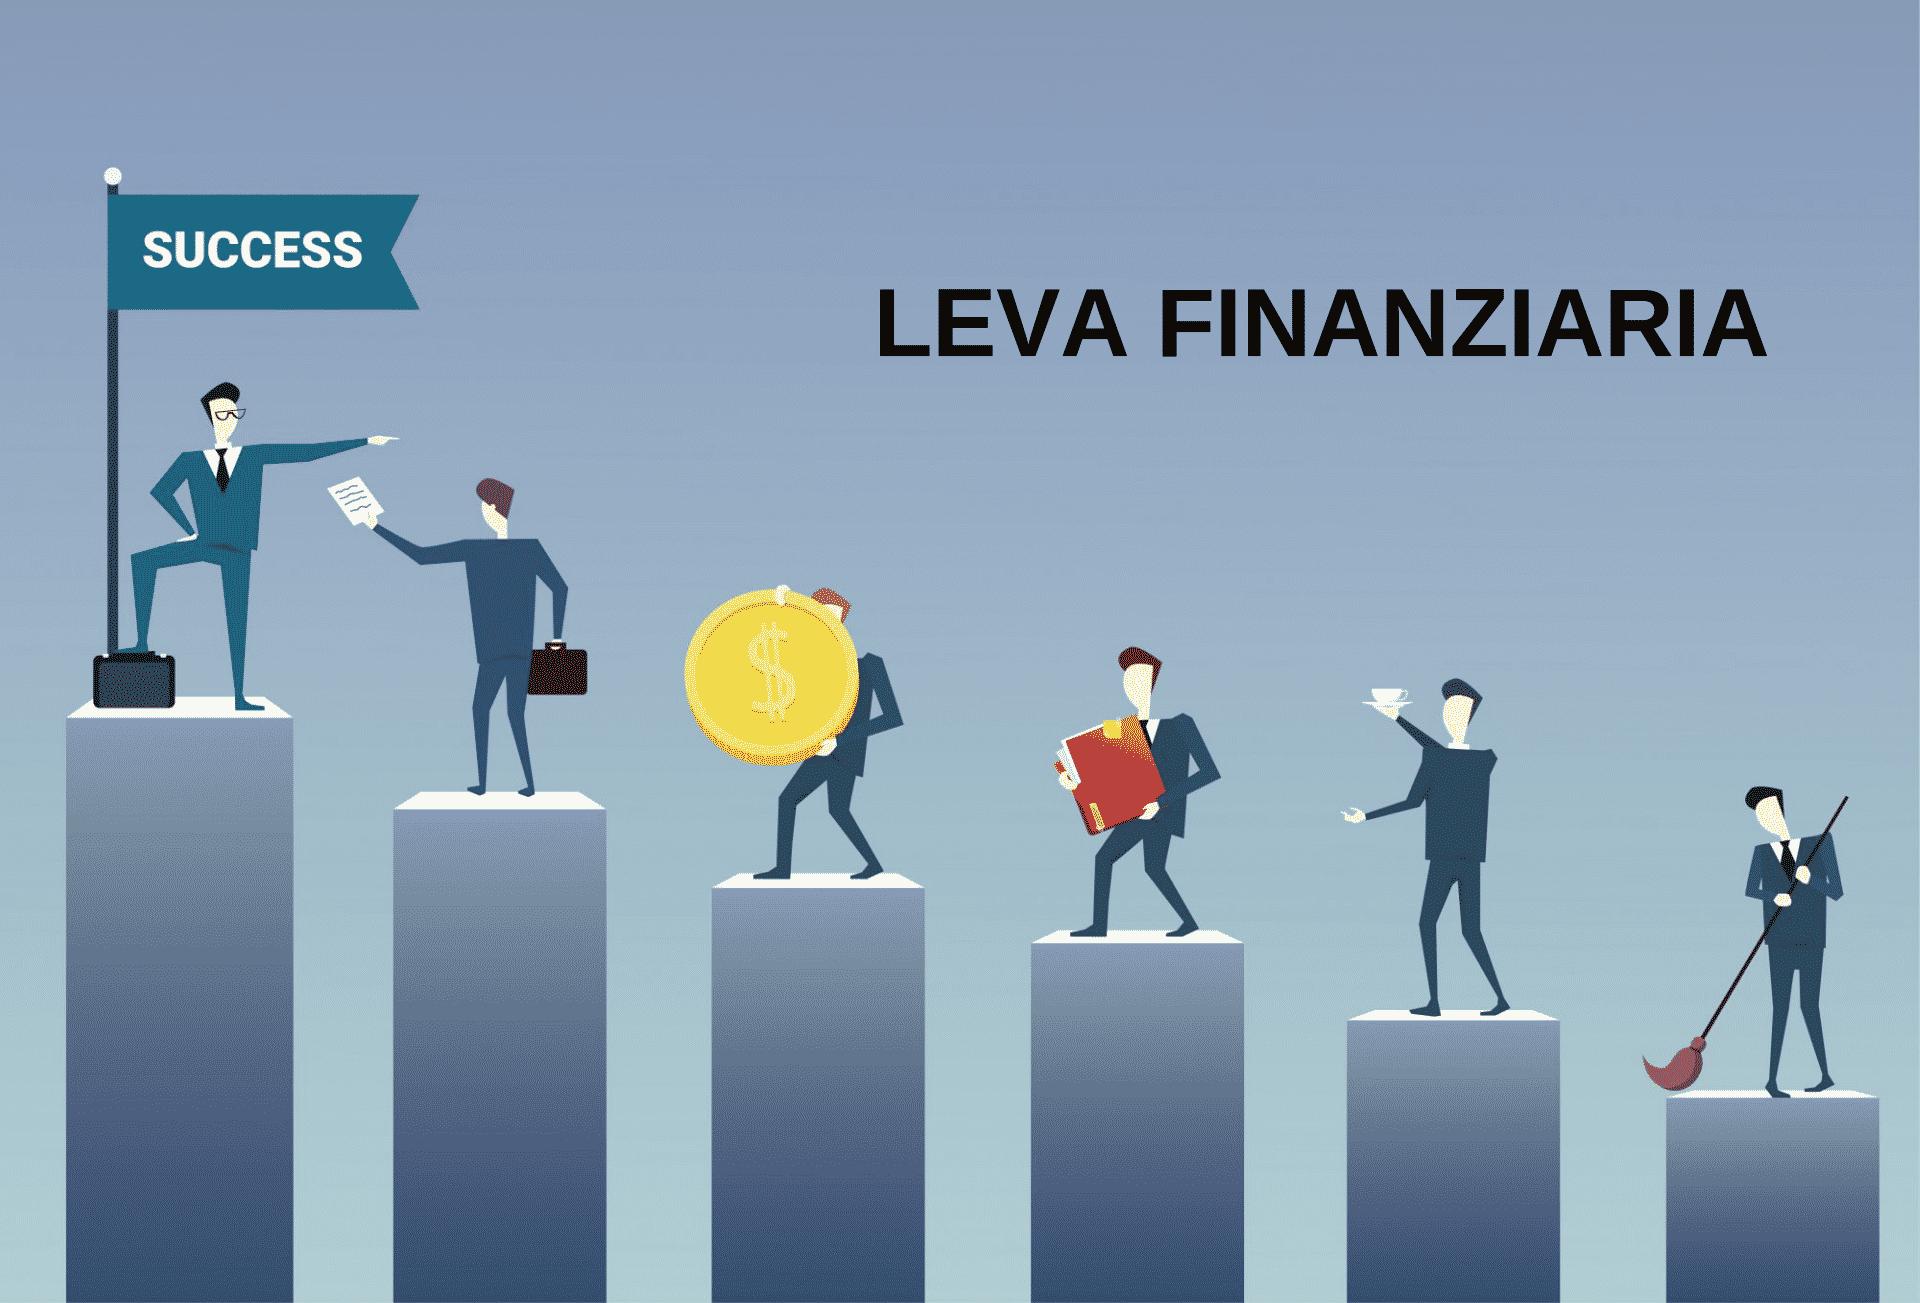 Leva finanziaria nel Forex: definizione e come funziona l ...